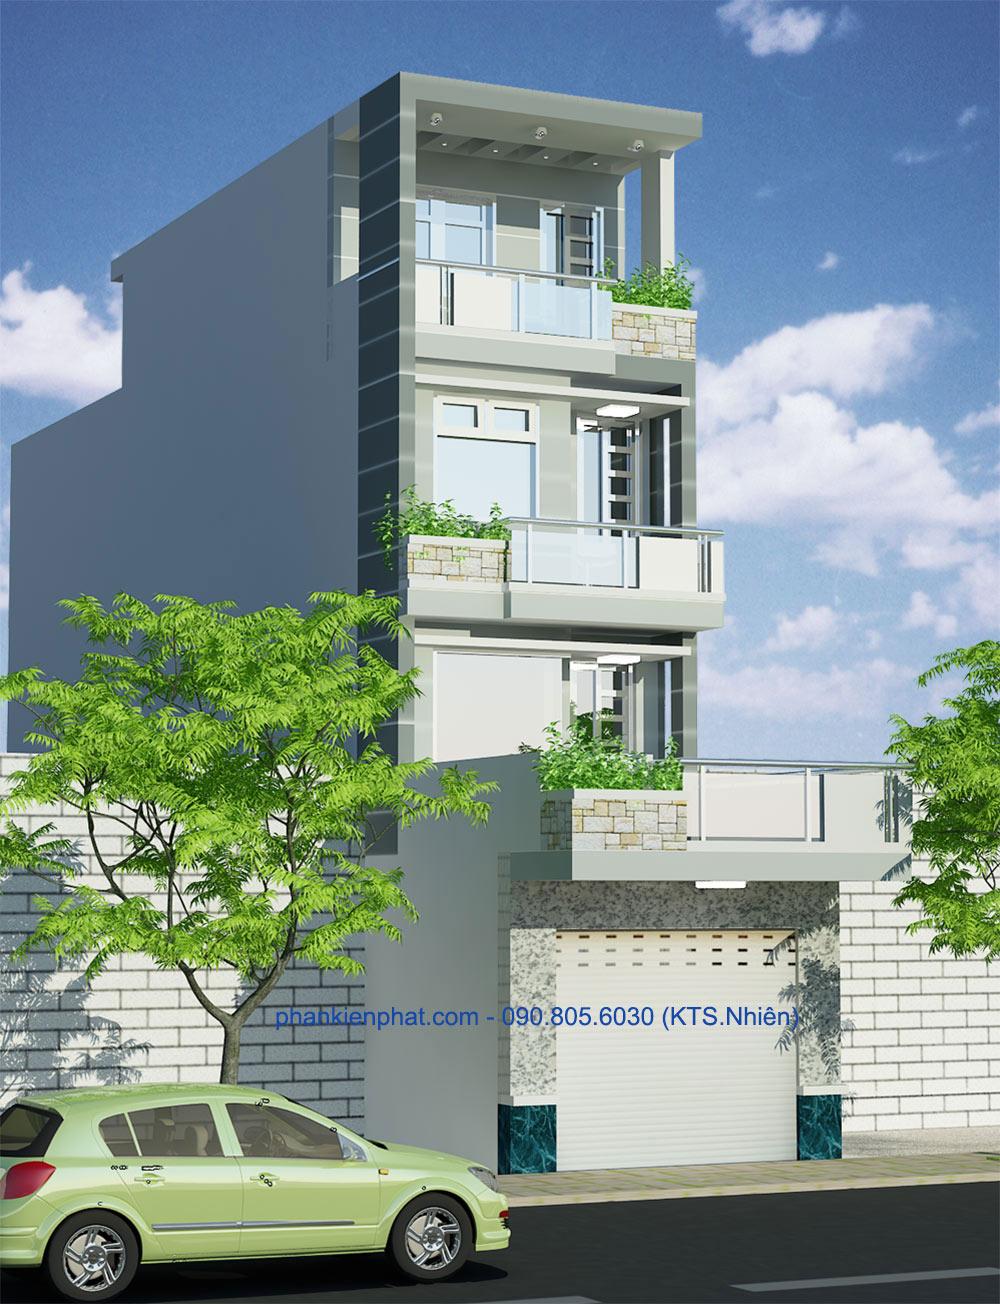 Bản vẽ mặt tiền view 2 của nhà thông tầng 4 tầng hiện đại